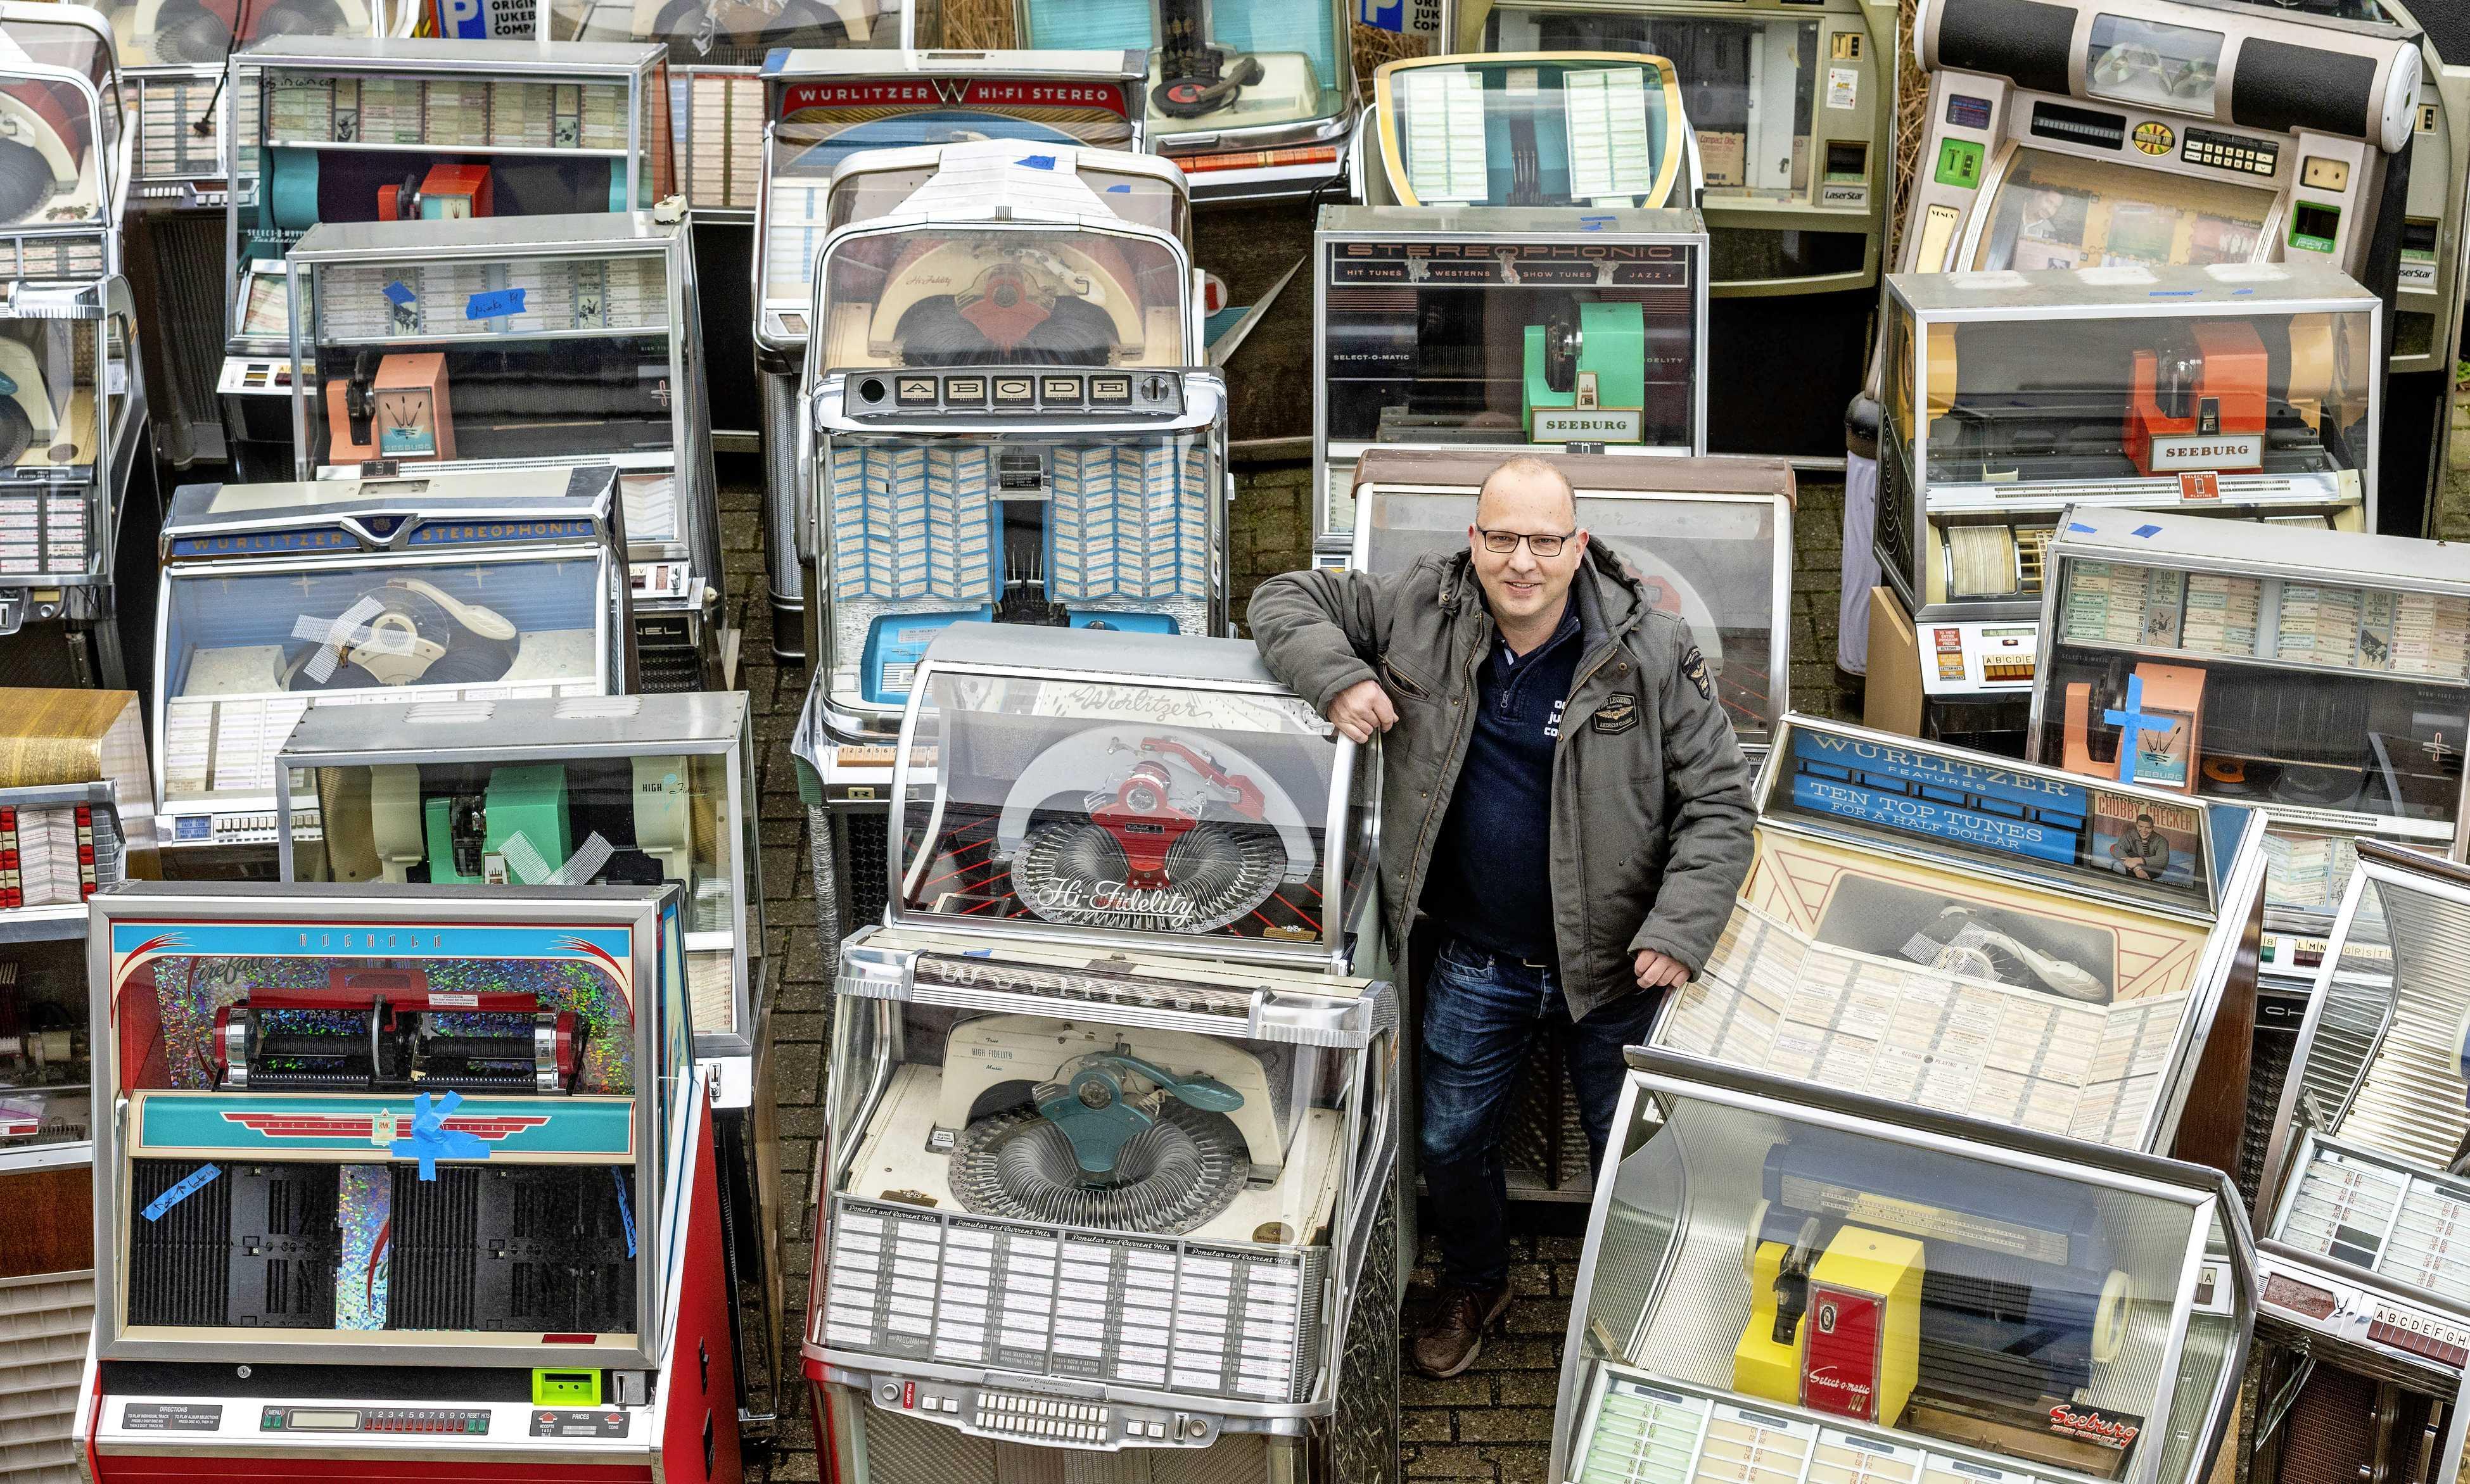 Vietnam-veteranen zijn loyale kameraden bij de import van jukeboxen